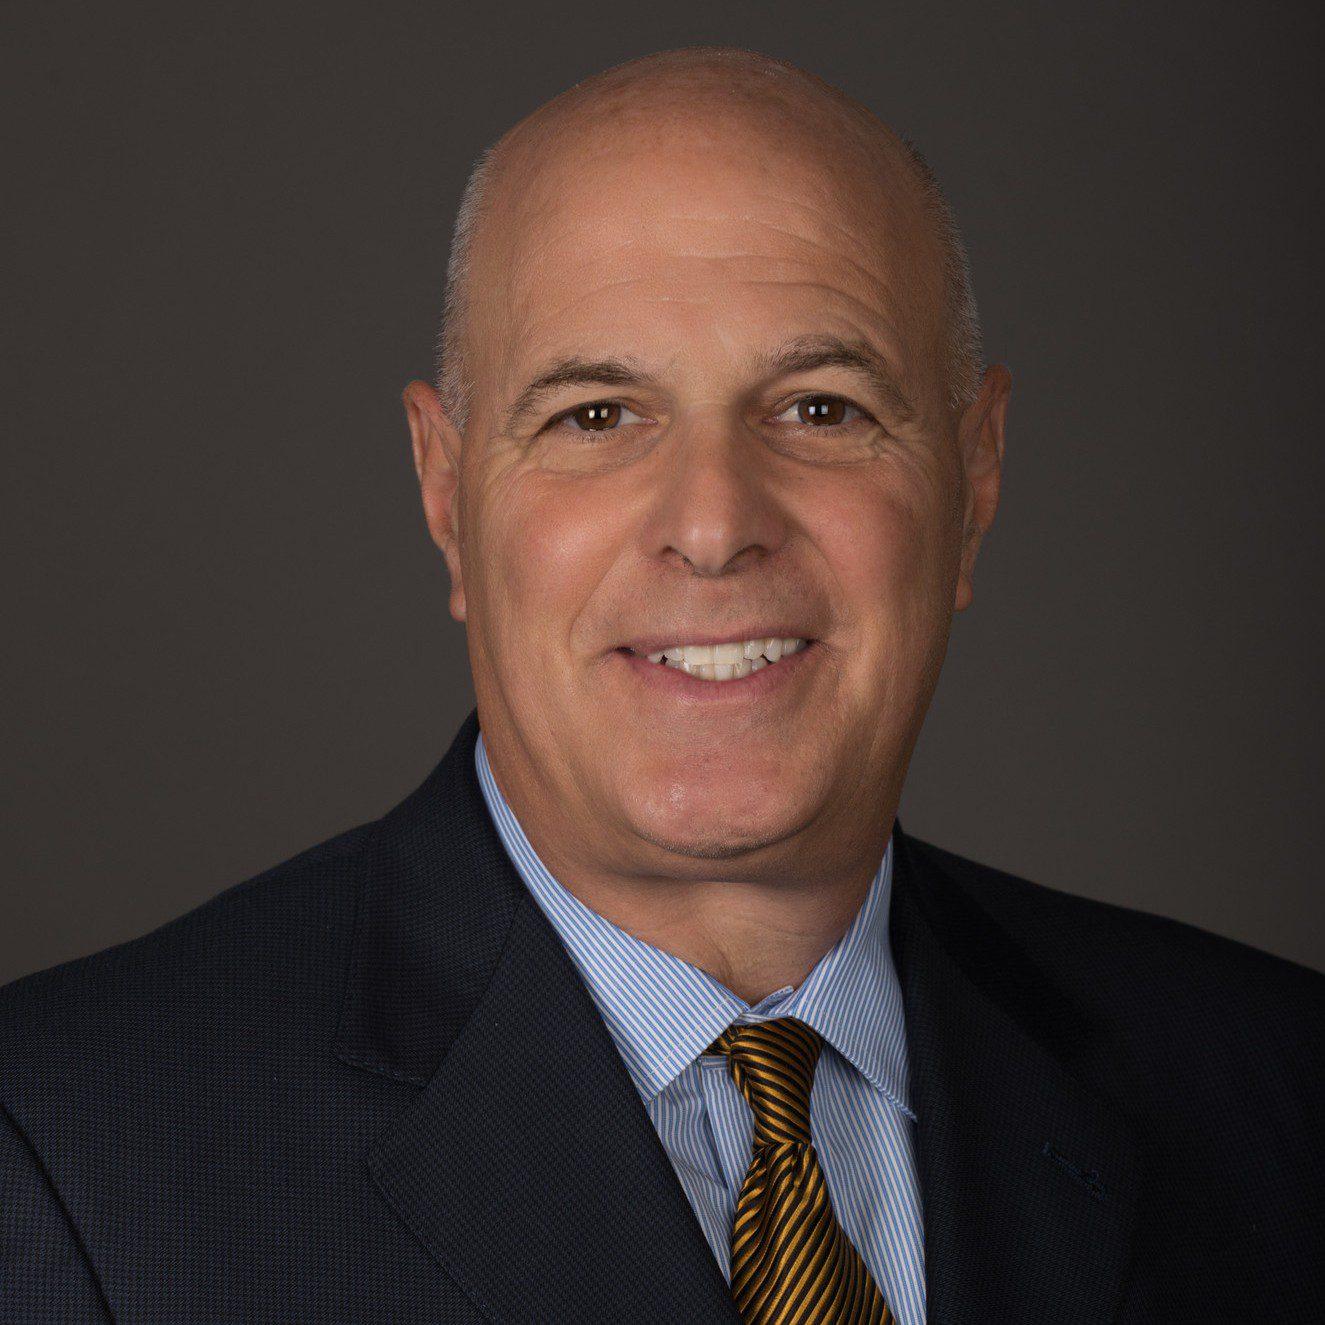 Seth-Greenberg